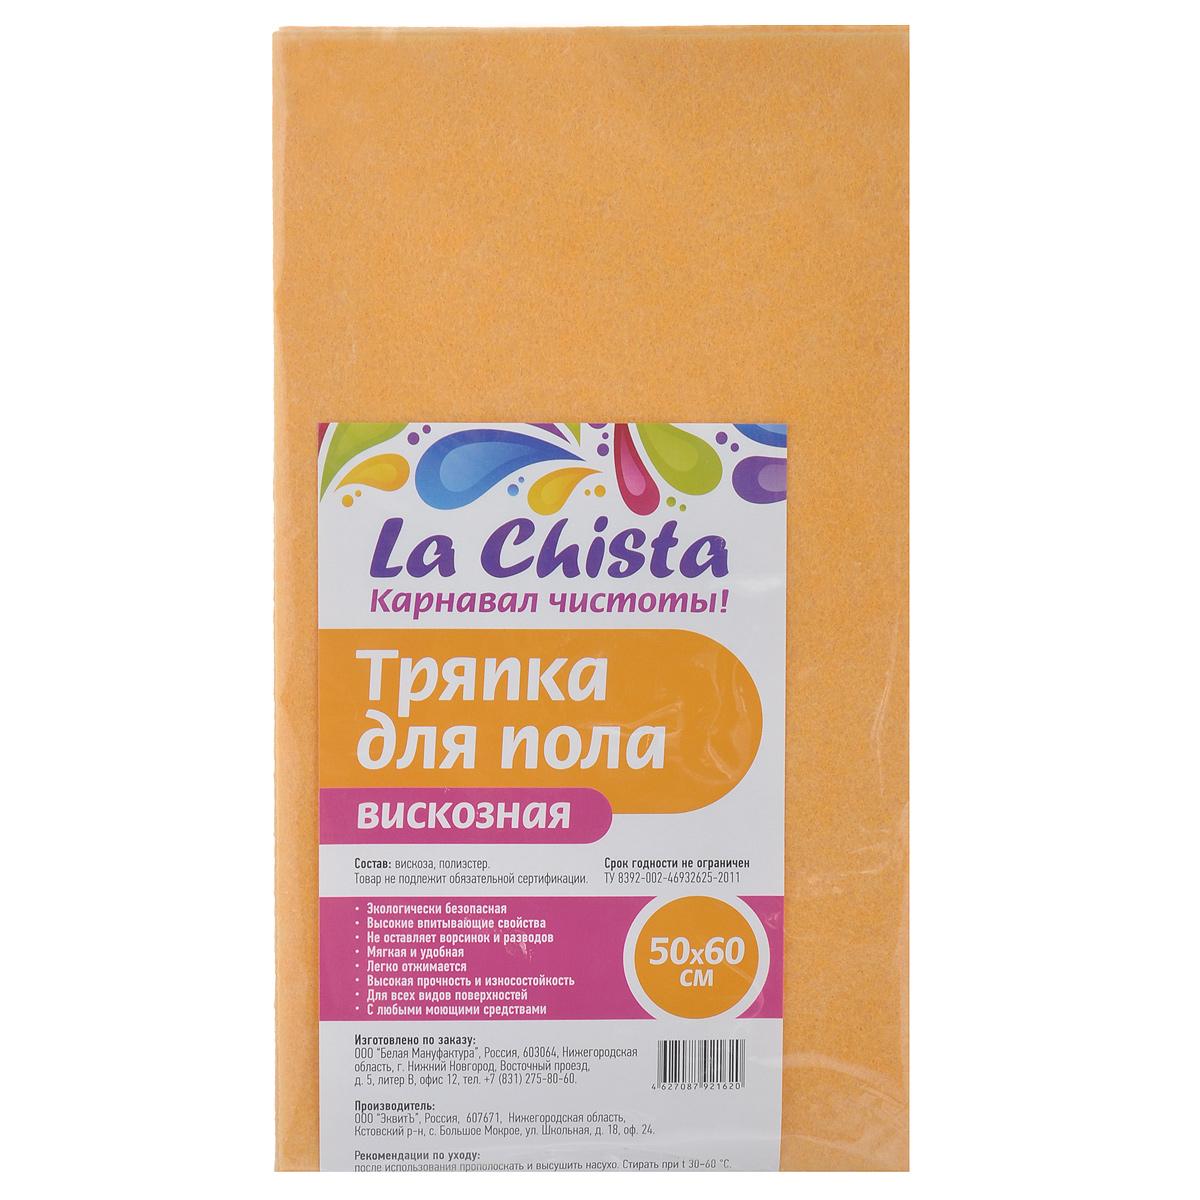 Тряпка для пола La Chista, вискозная, 50 х 60 см870256Тряпка La Chista предназначена для мытья пола. Выполнена из высококачественной вискозы. Тряпка обладает высокими впитывающими свойствами, не оставляет ворсинок и разводов, легко отжимается. Она прочная и износостойкая. Подходит для всех видов поверхностей и может быть использована с любыми моющими средствами.